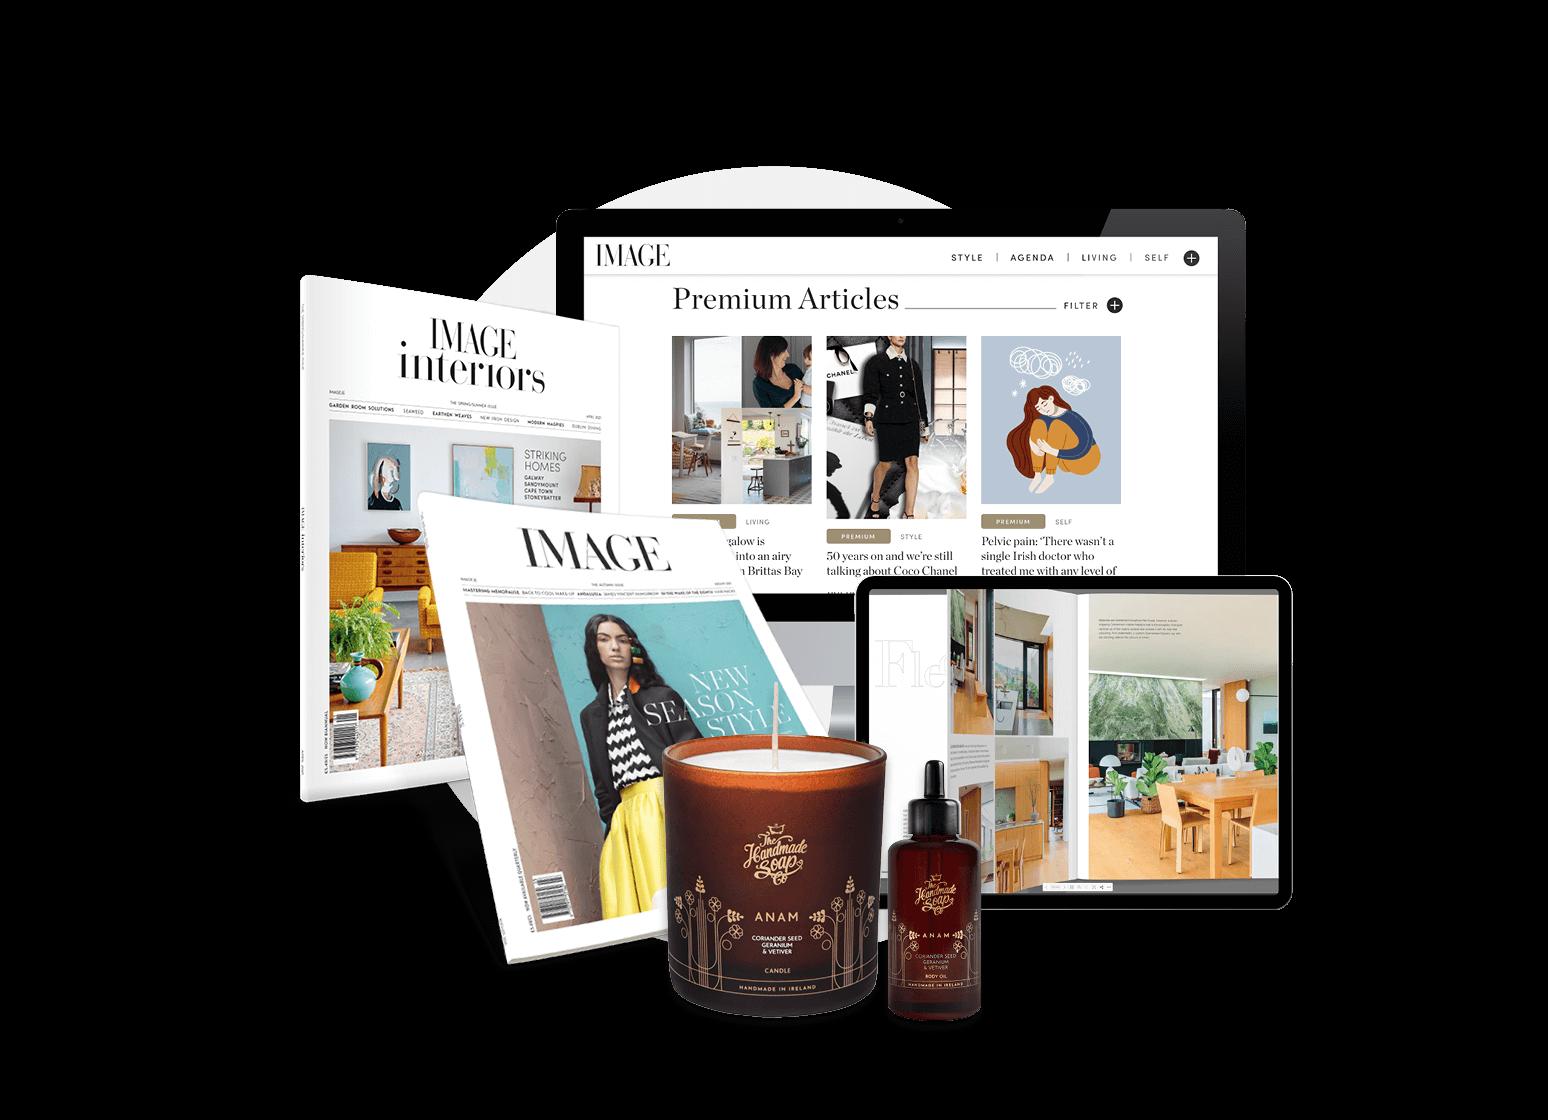 IMAGE Print & Digital Subscription Offer